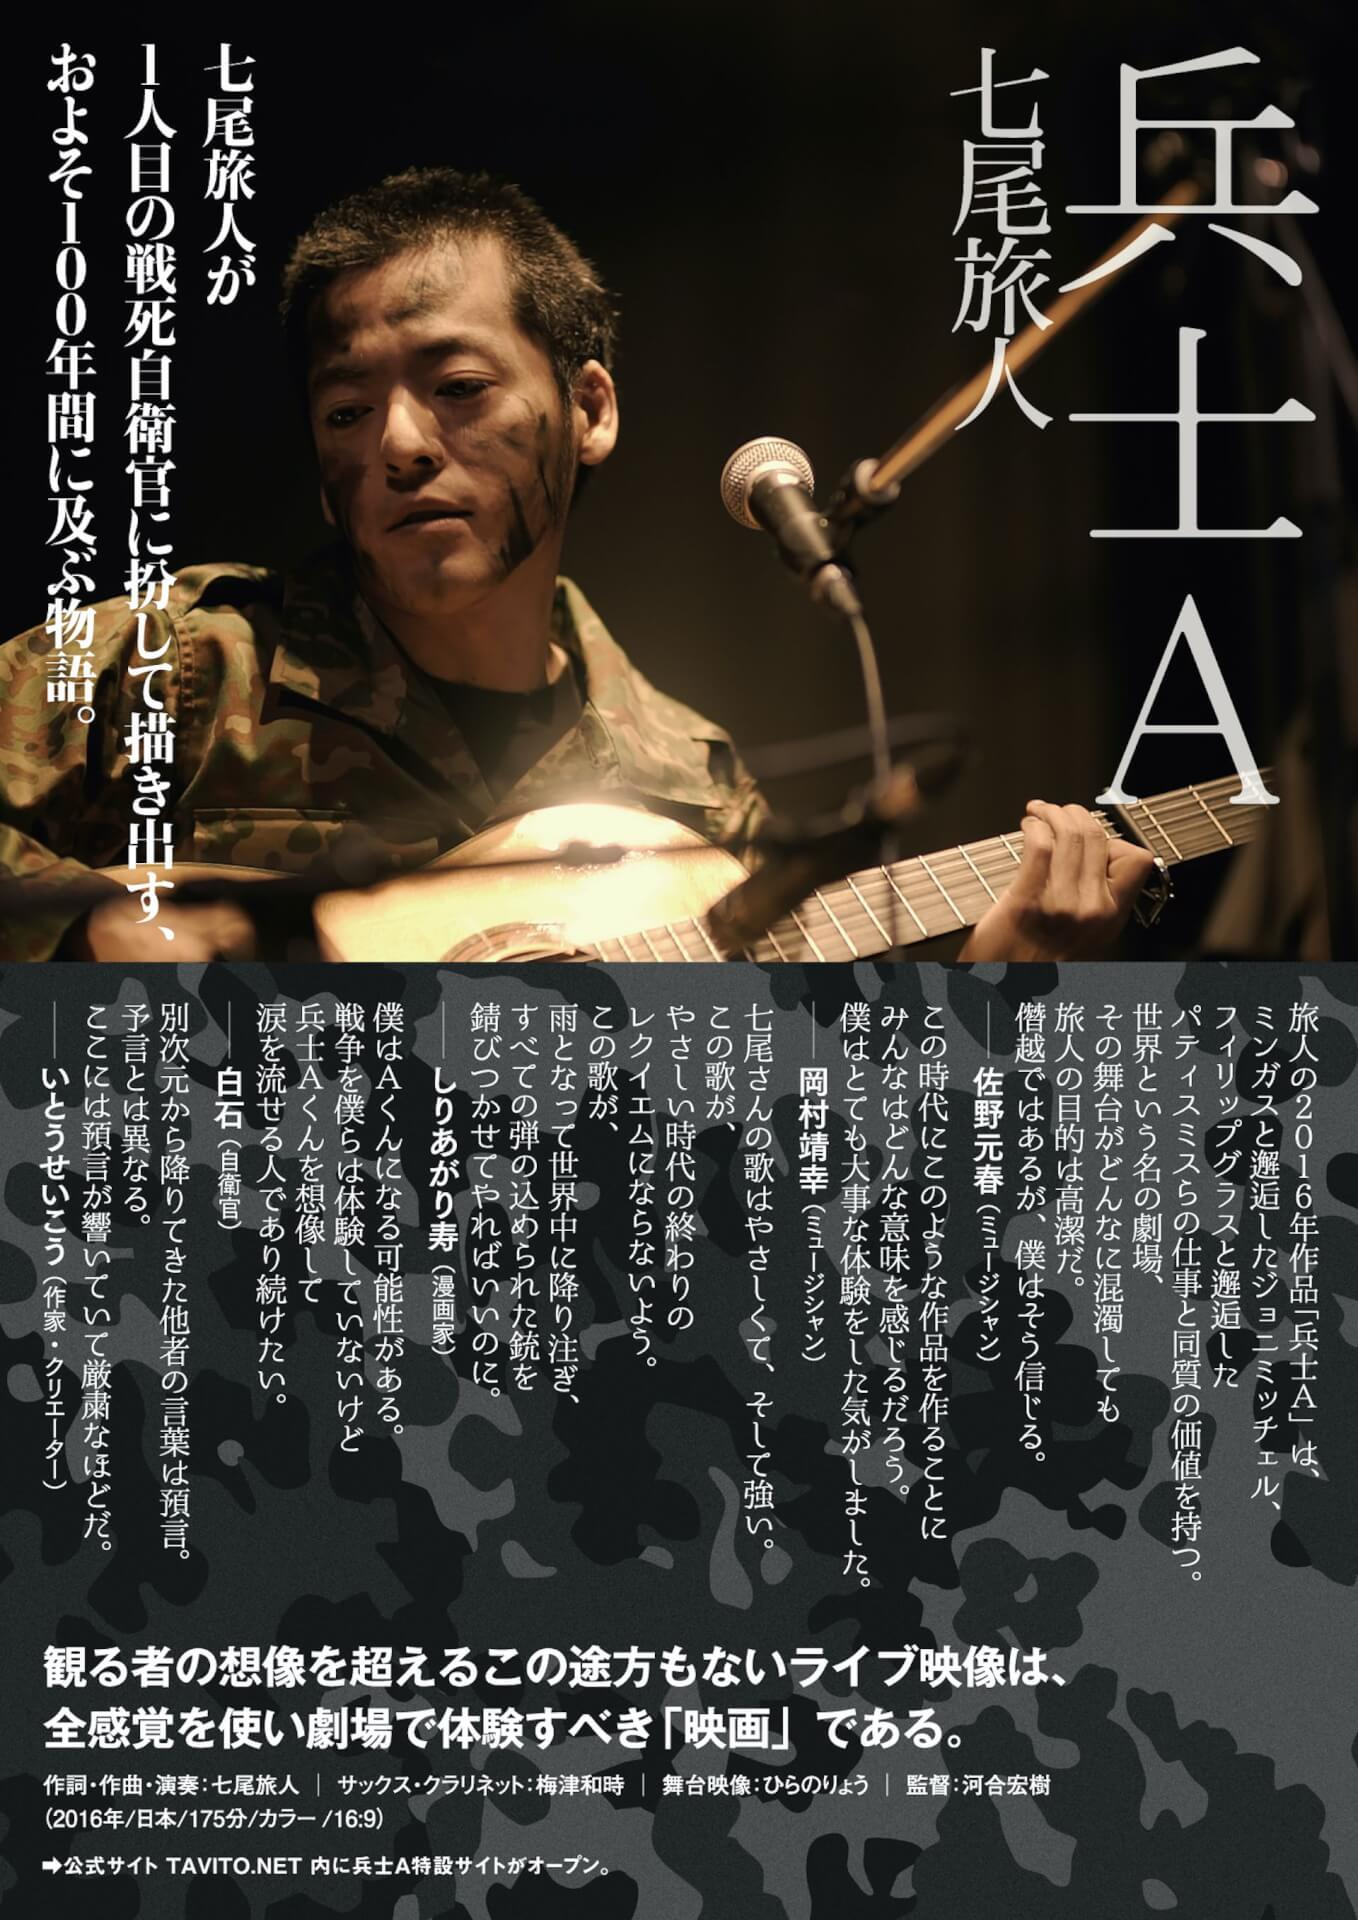 七尾旅人『兵士A』がアップリンク・クラウドにて独占配信開始!『兵士A』の素材を使用したオンライン展示も開催 ac200529_nanaotabito_02